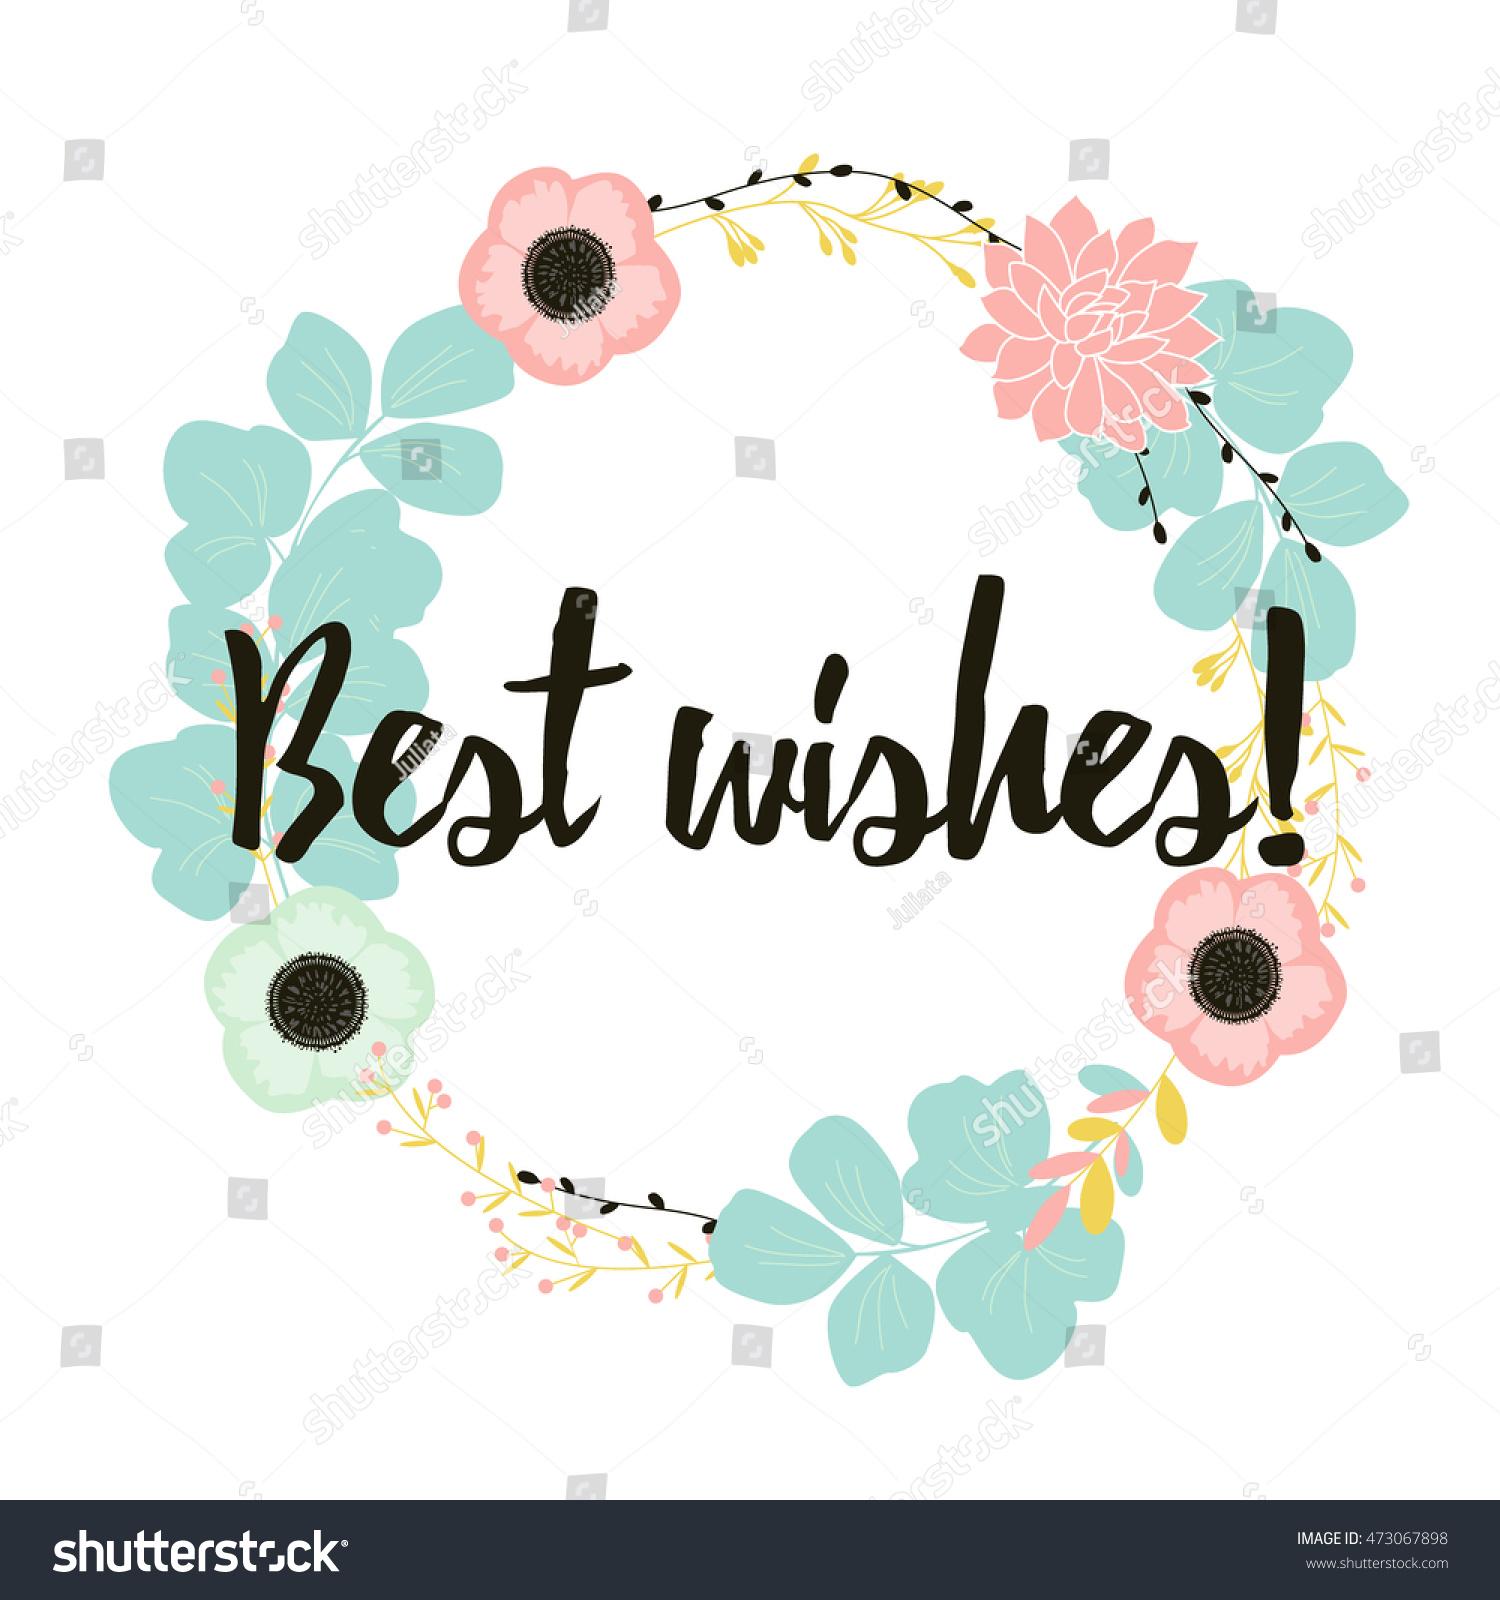 Template Wish Card